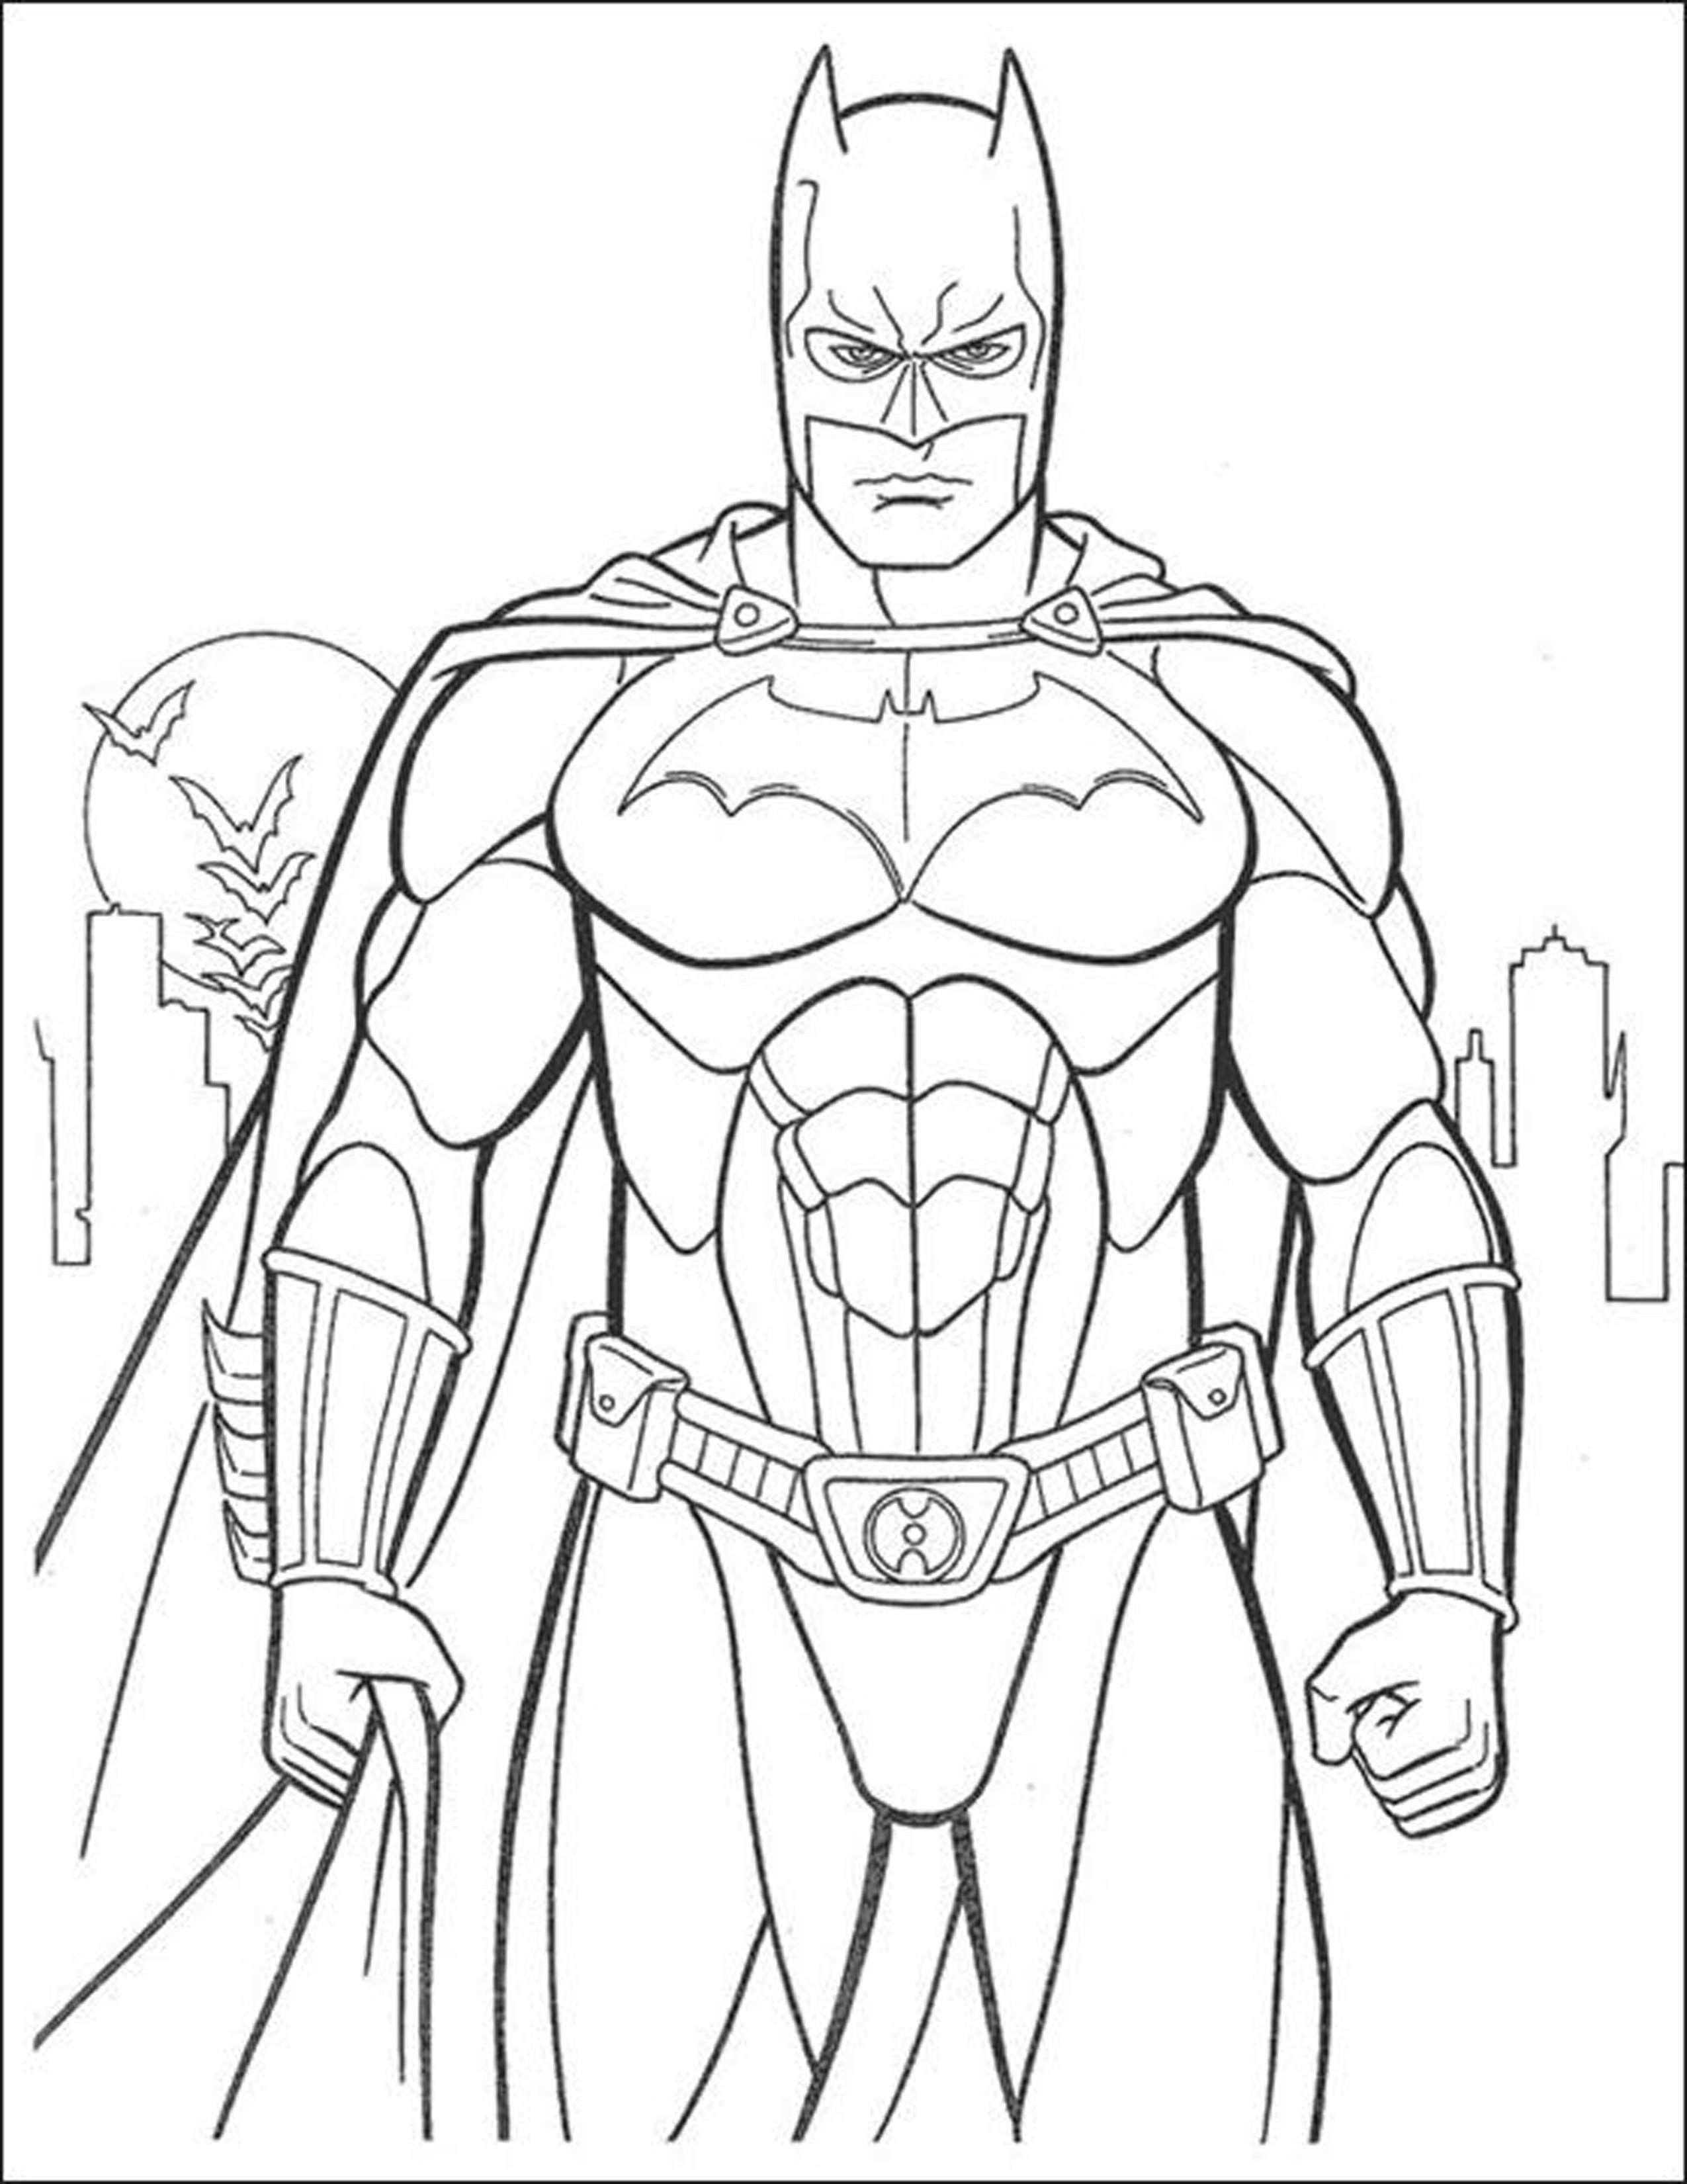 Batman Robot Coloring Pages Fresh Batman Coloring Pages Superman Coloring Pages Superhero Coloring Pages